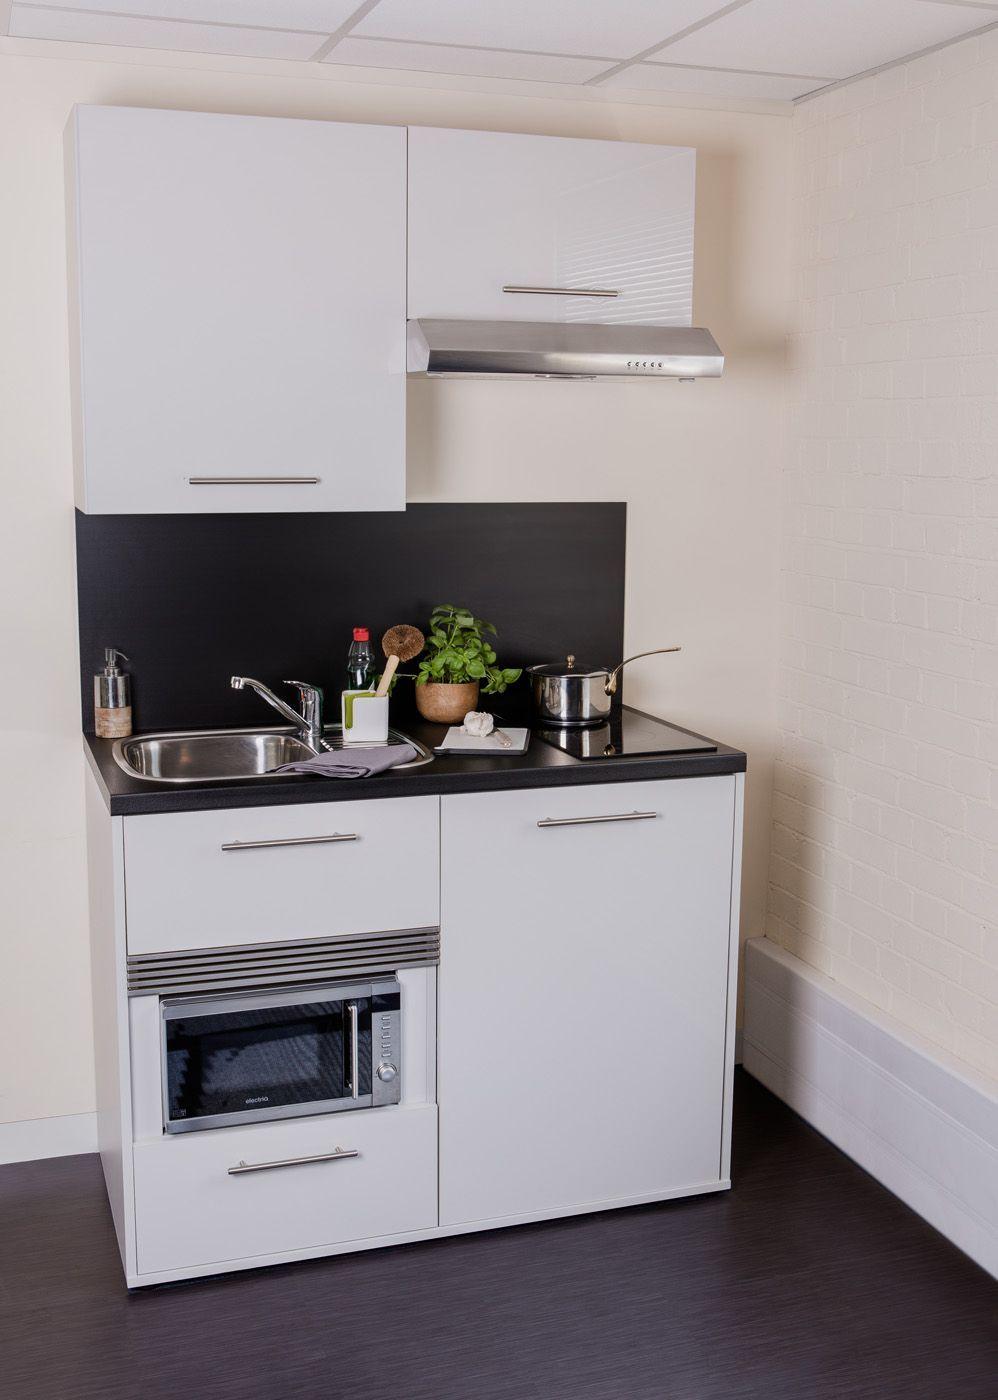 Mod Kitchenette From John Strand Marsha Spivry In 2020 Small Kitchen Units Tiny Kitchen Design Small Apartment Kitchen